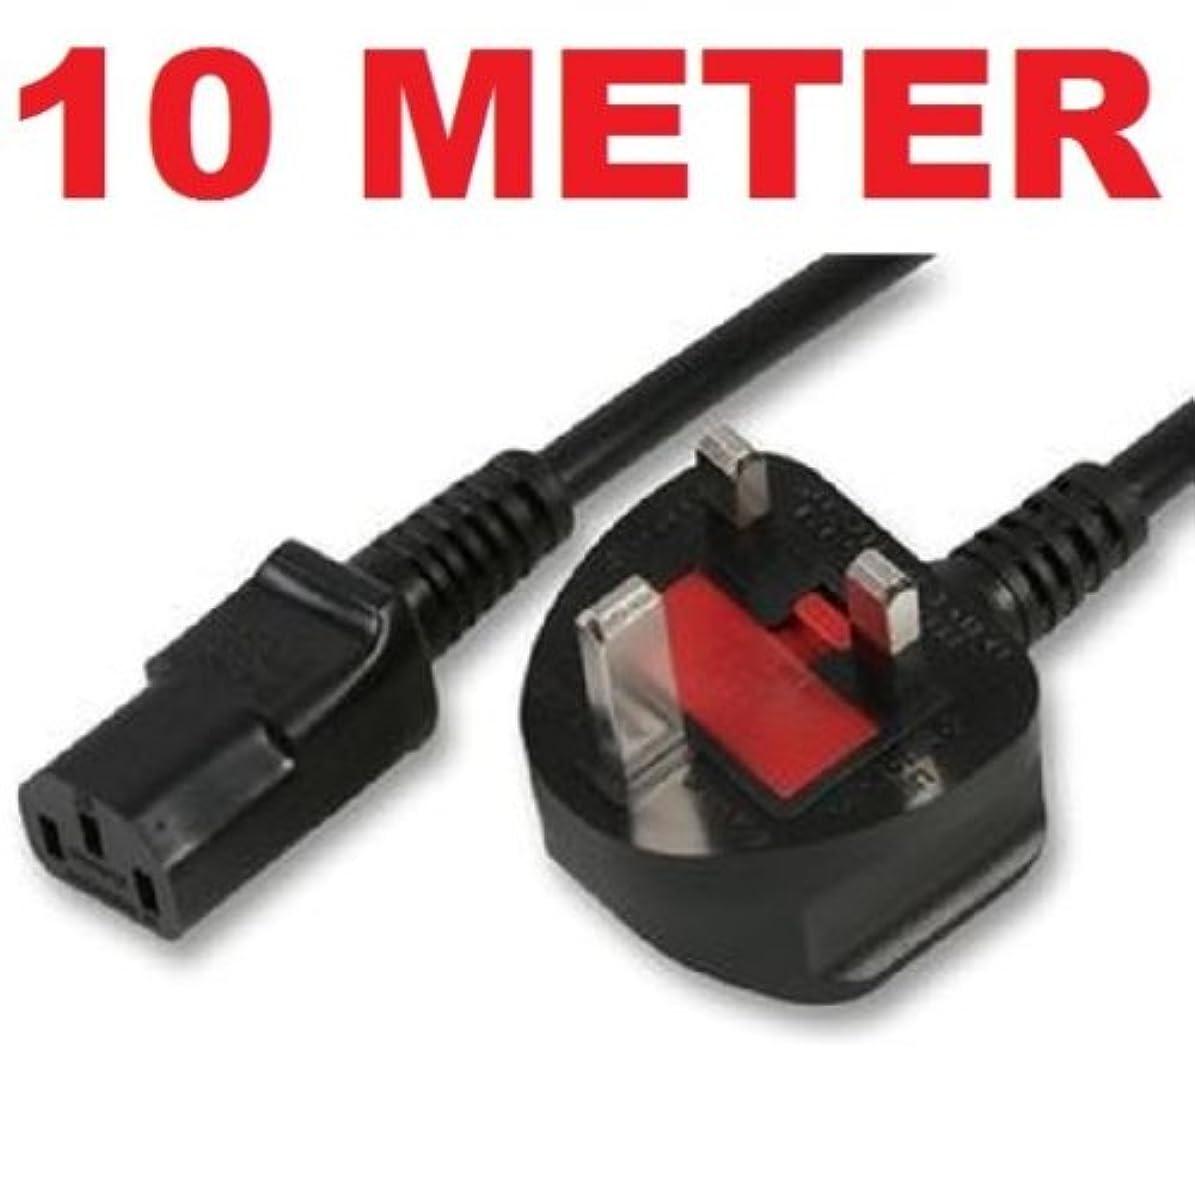 銛基本的な弾性Keelaケーブル10 MケーブルIec本線電源リード線英国プラグケトルPc Dj